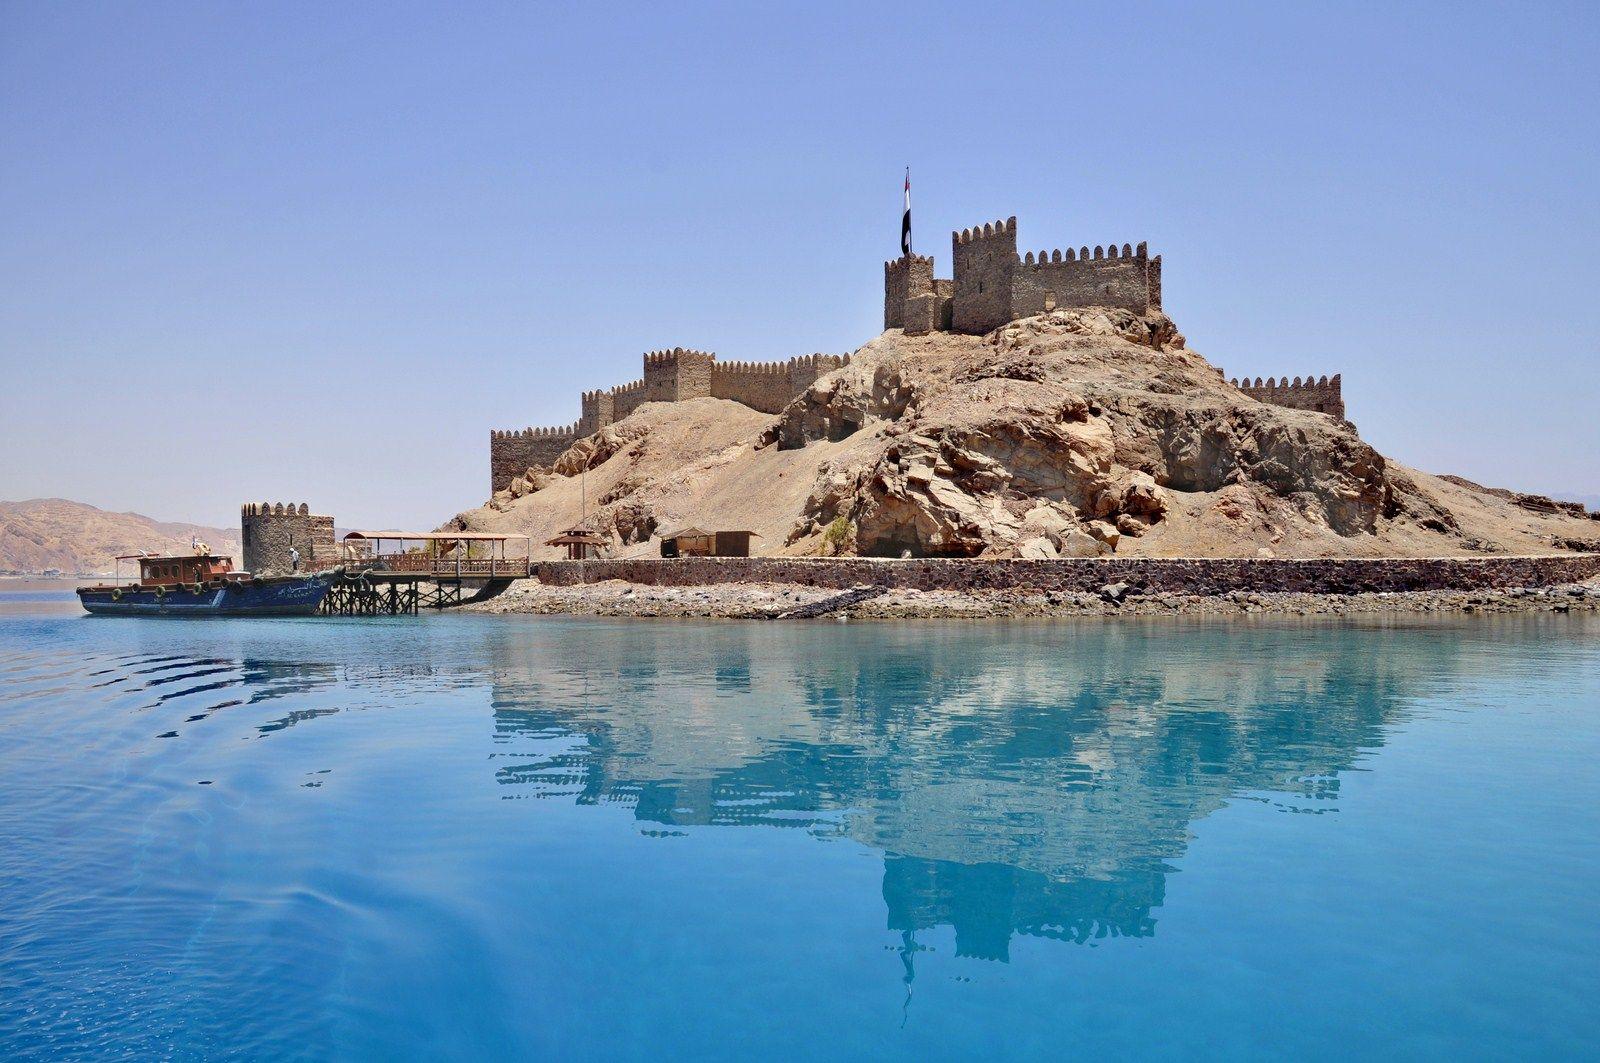 Pharaohs island citadel in Taba